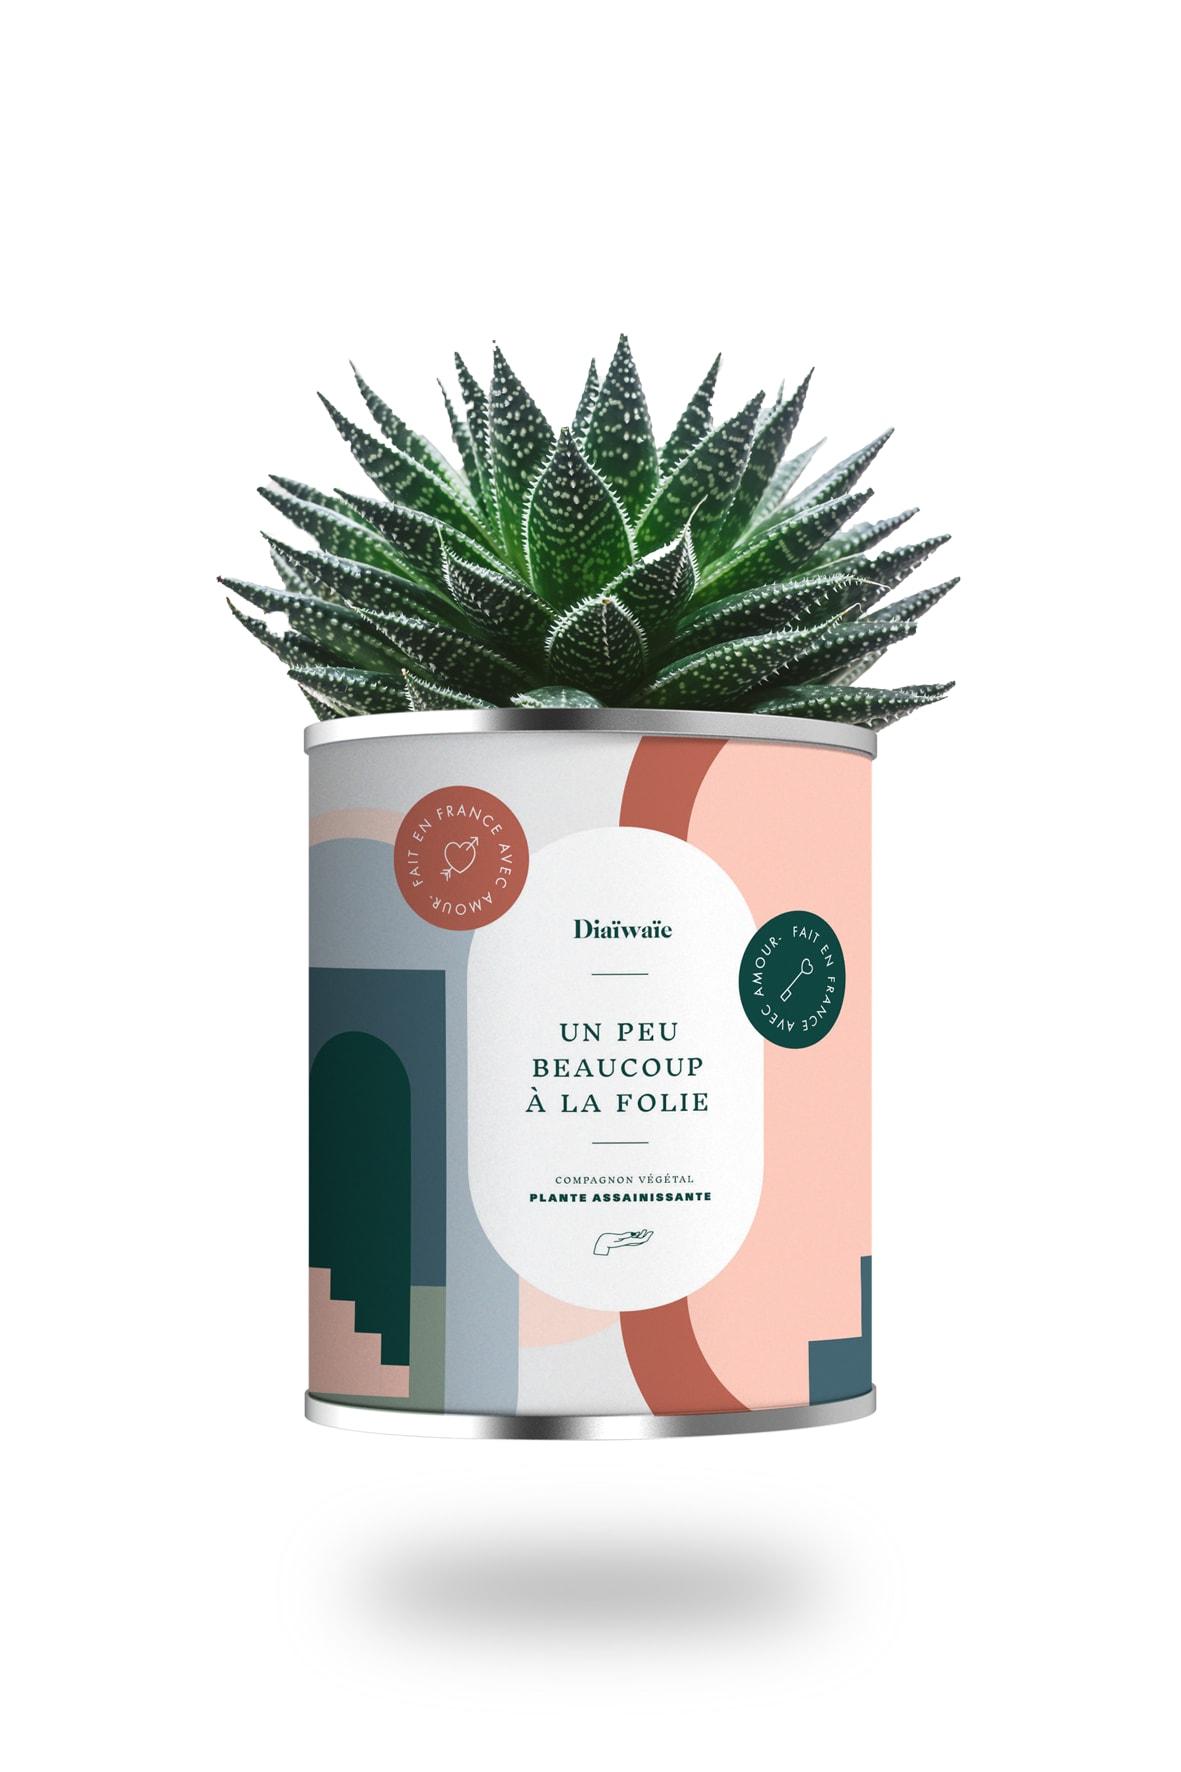 Cactus ou plante pot grand modèle à la folie